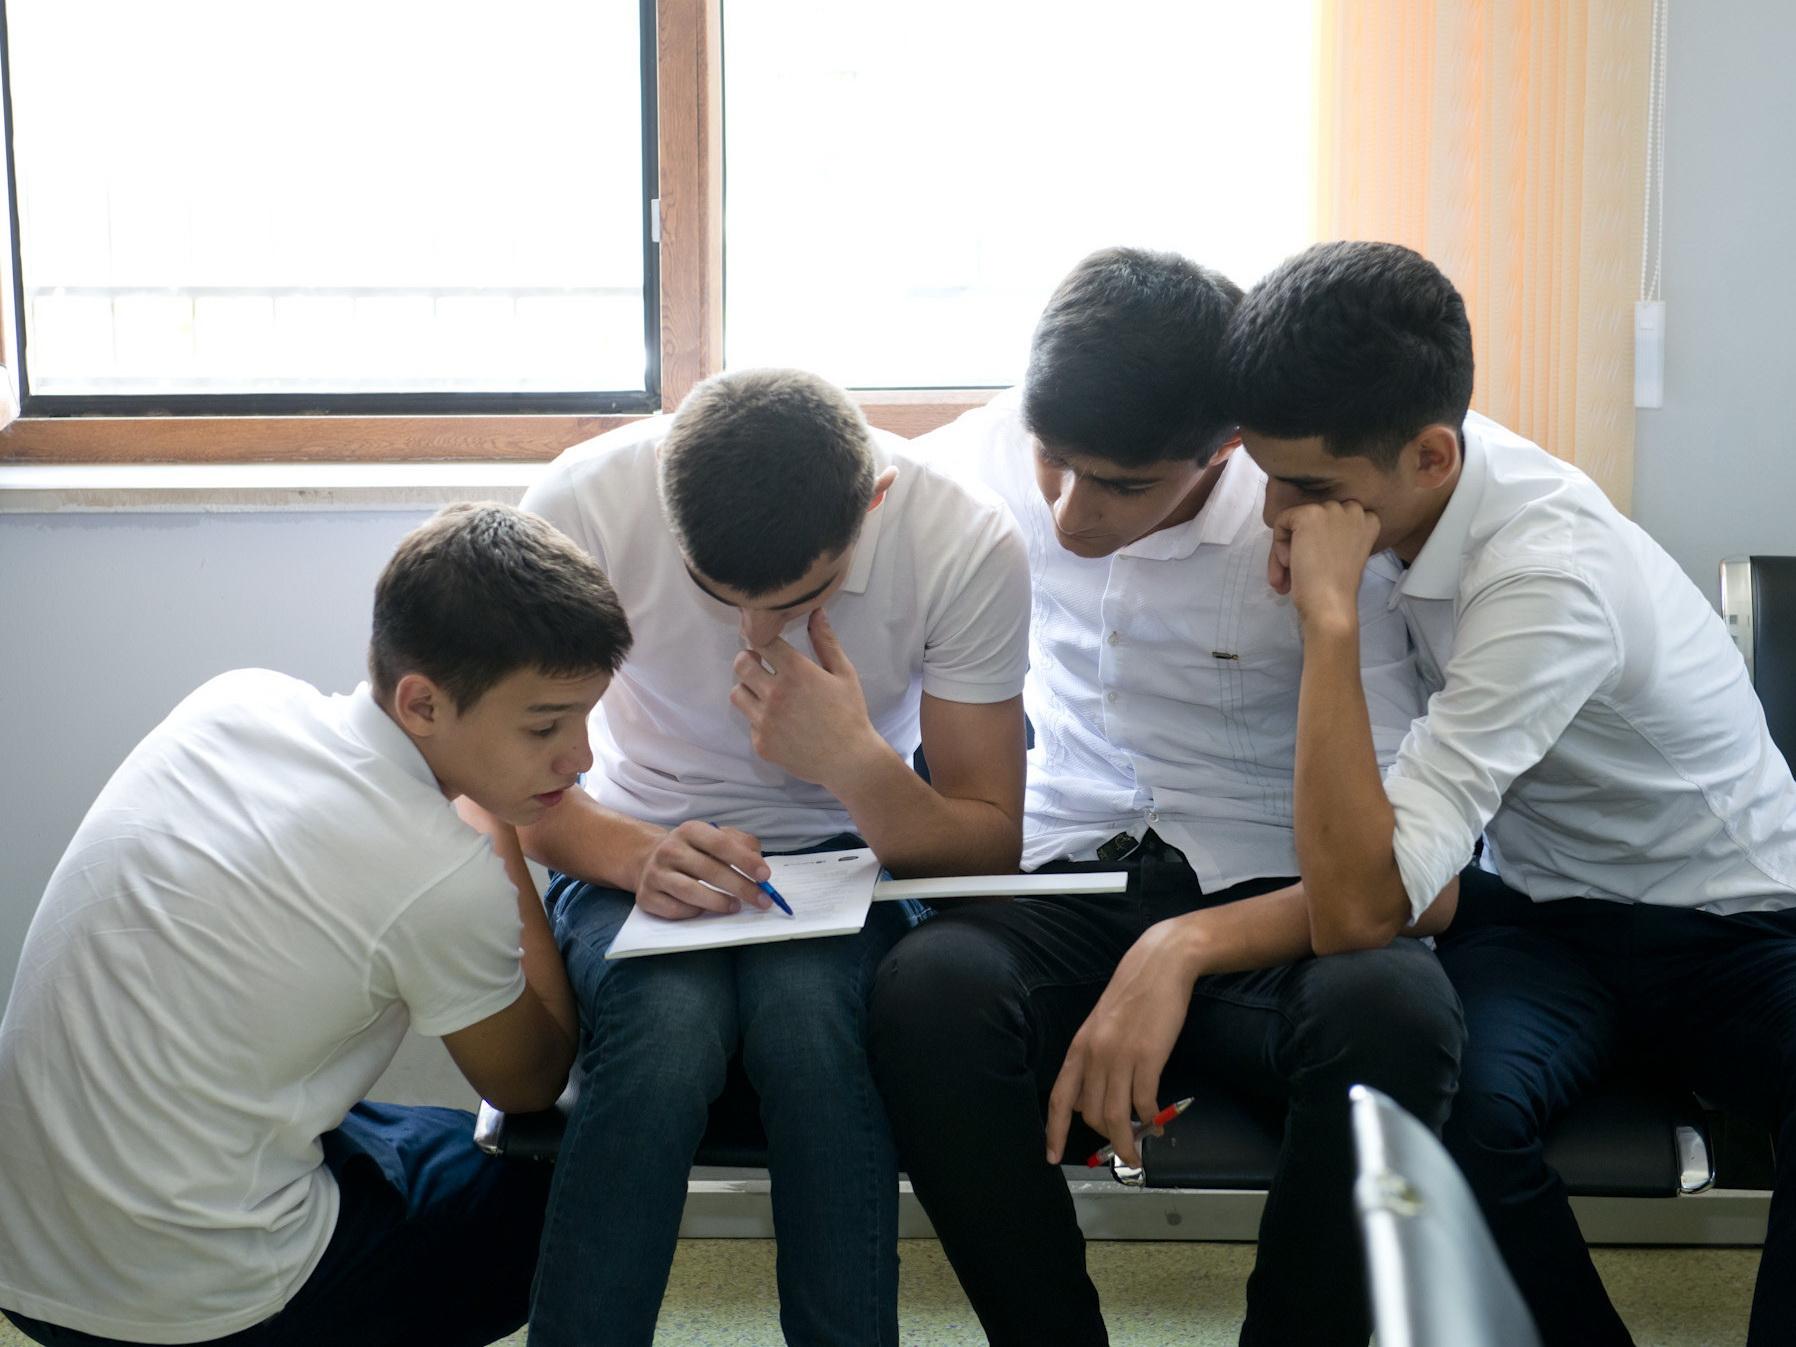 ЕС поможет в разработке стандартов аккредитации школ в Азербайджане